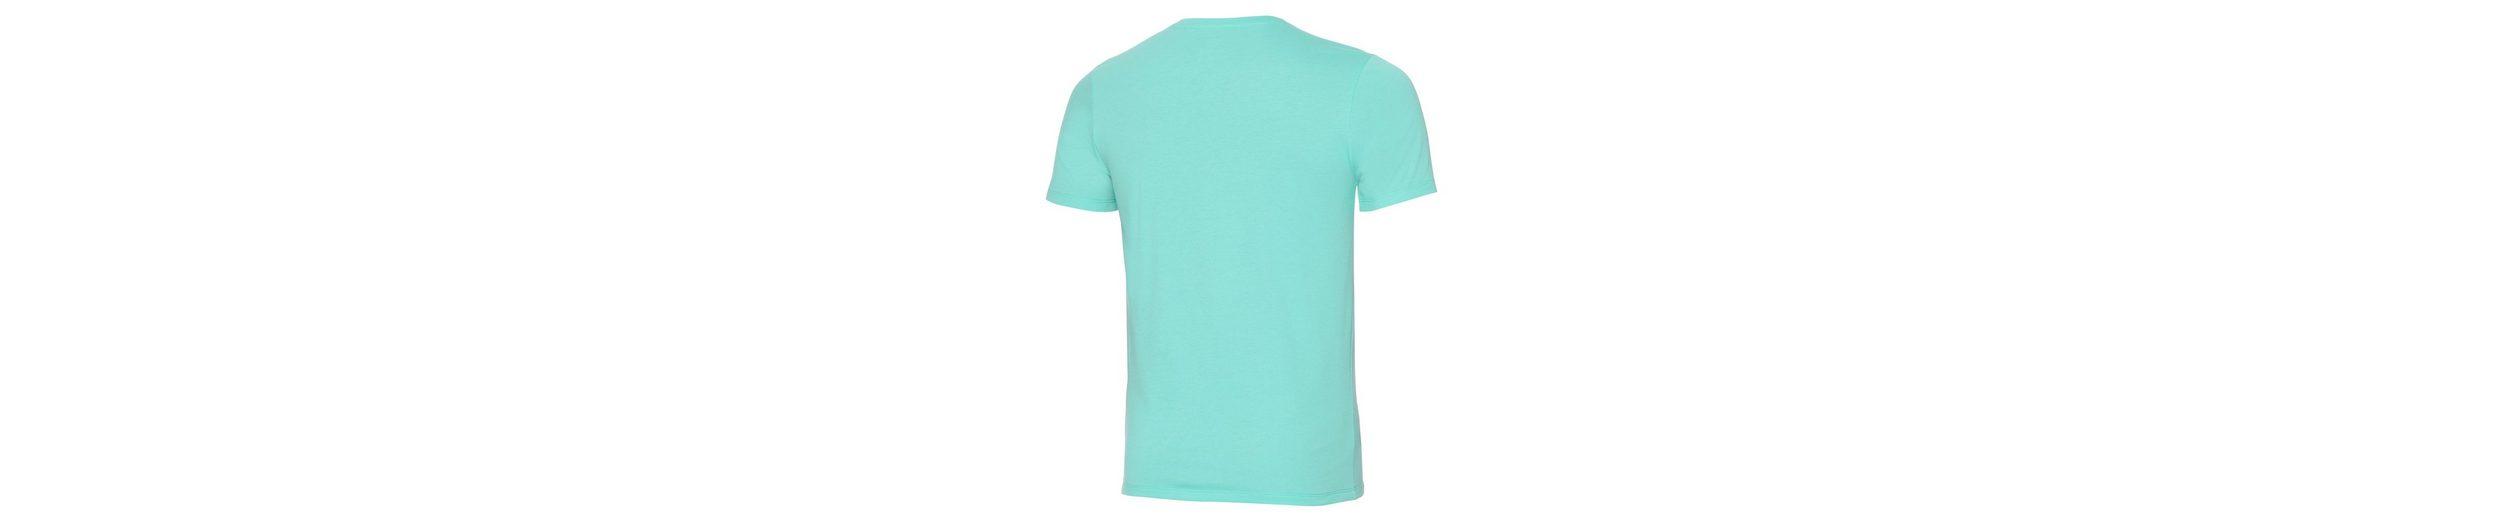 BIDI BADU T-Shirt Will Rabatt Heißen Verkauf Spielraum Browse fjPTH06osl